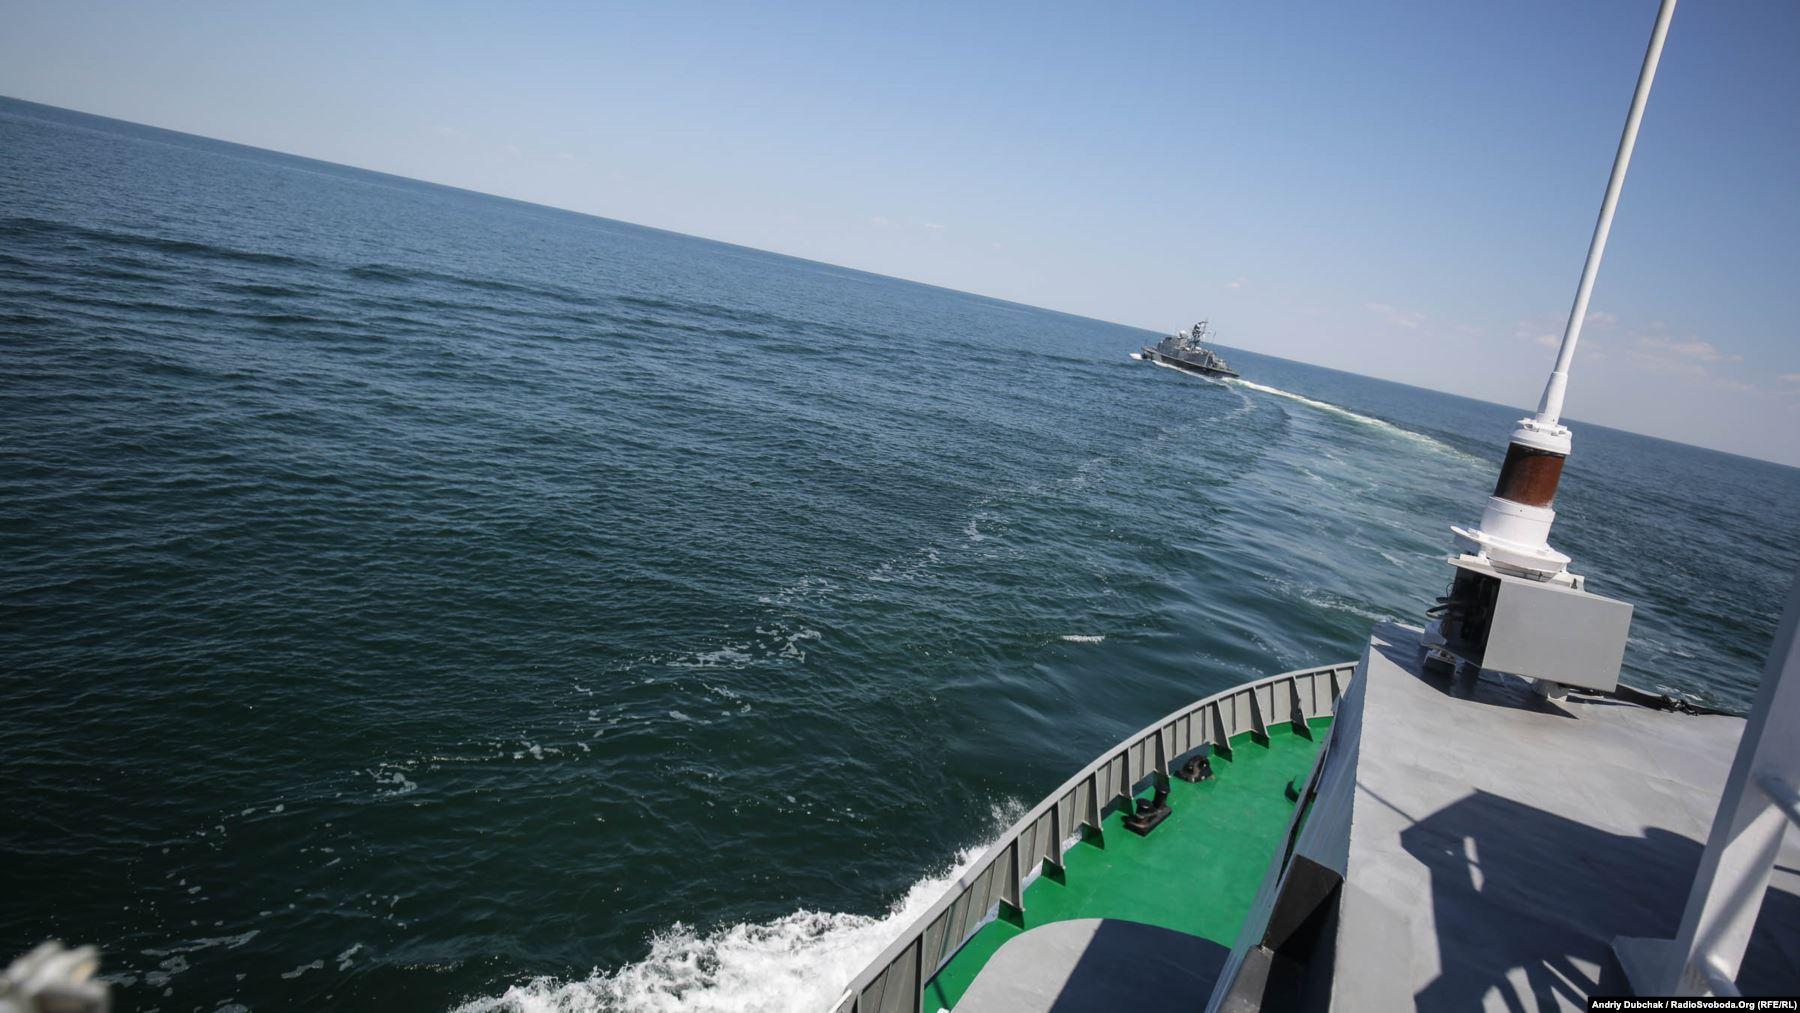 Ракетний катер ВМС ЗСУ «Прилуки» заходить на курс, з якого вестиме бойові стрільби, фото: Andriy Dubchak